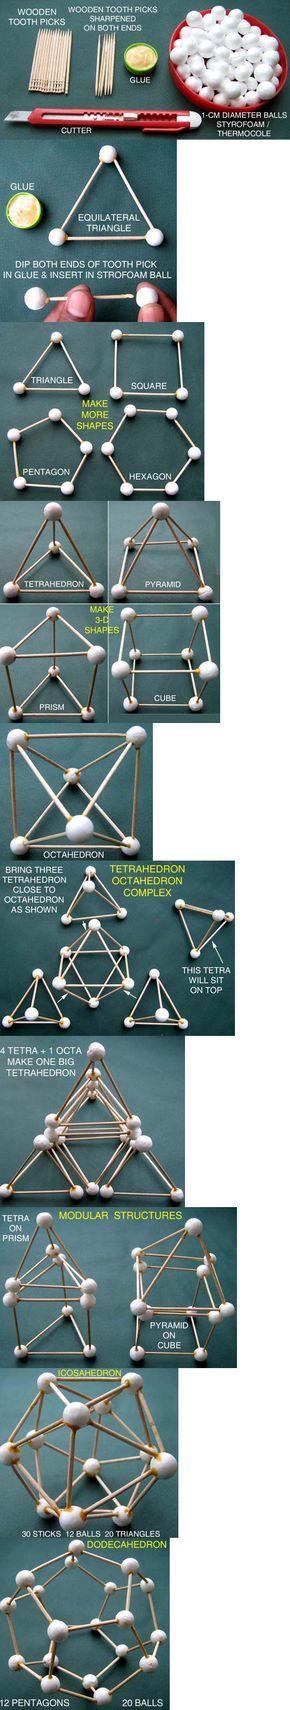 Géométrie 2D et 3D en cure-dents, polystyrène et colle